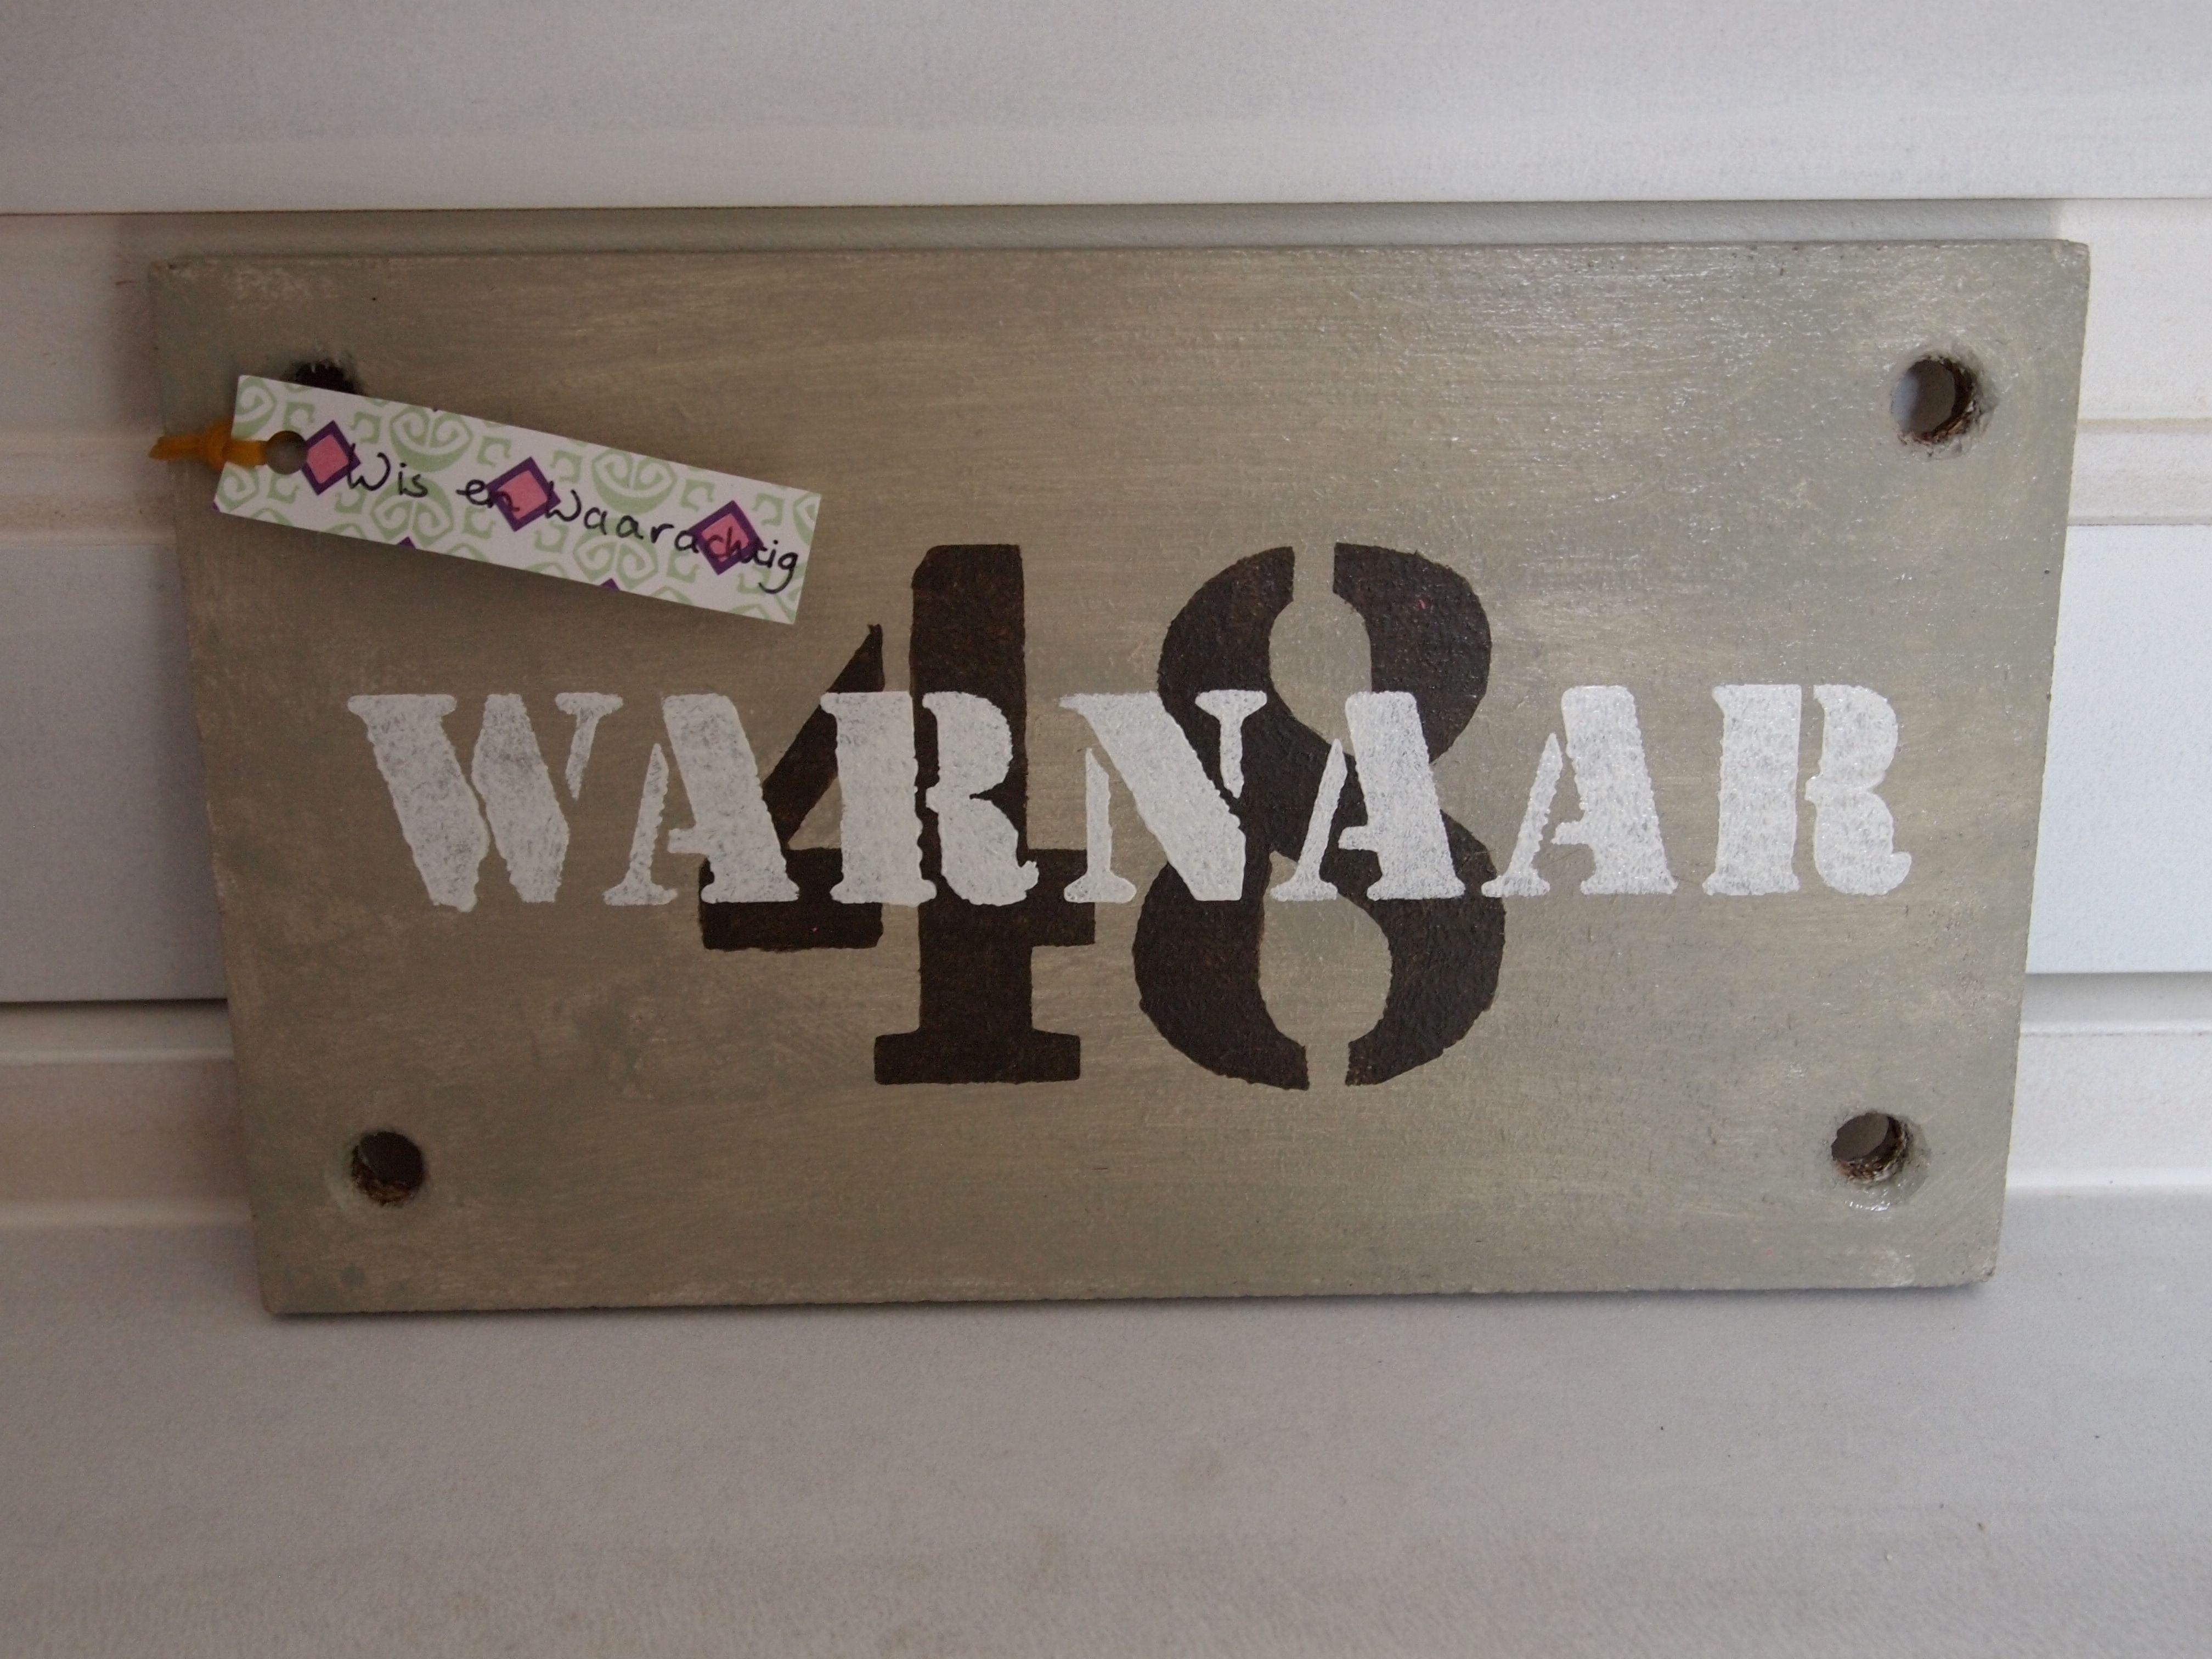 Naambord Voordeur Landelijk : Naambord voor bij de voordeur via naamcadeautje.nl leuk #kado voor